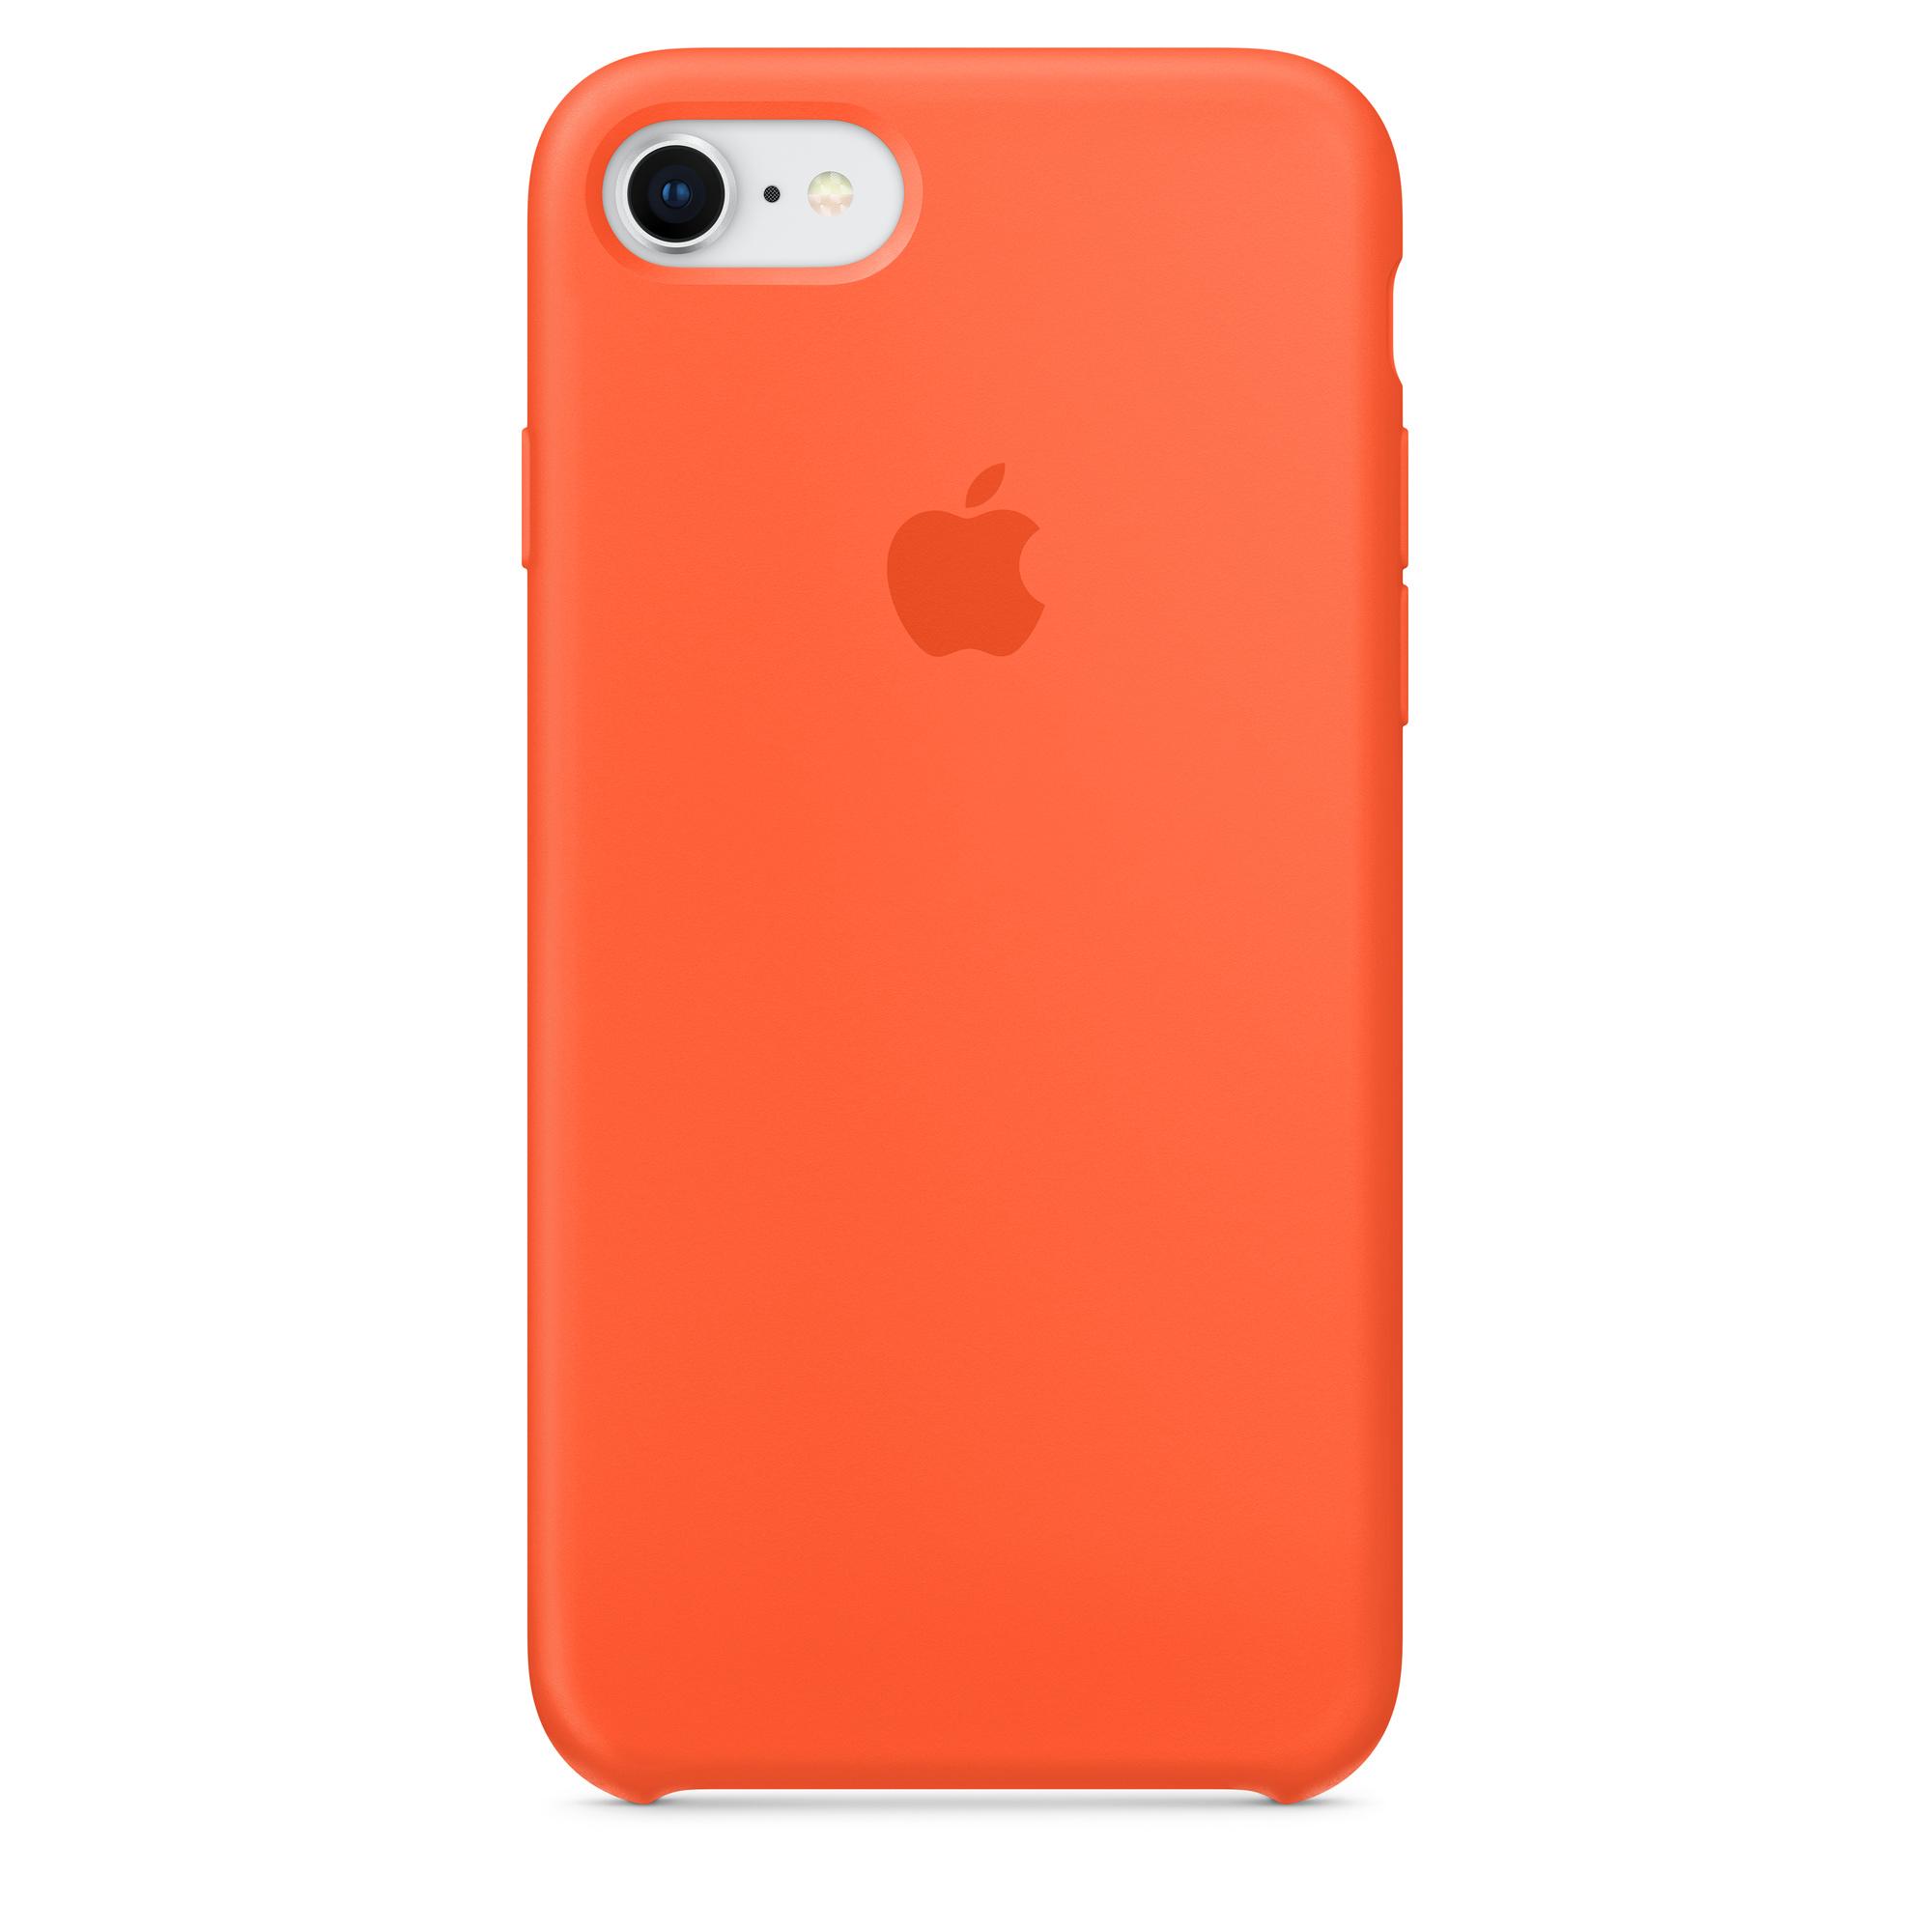 iPhone 8 / 7 Silicone Case - Spicy Orange